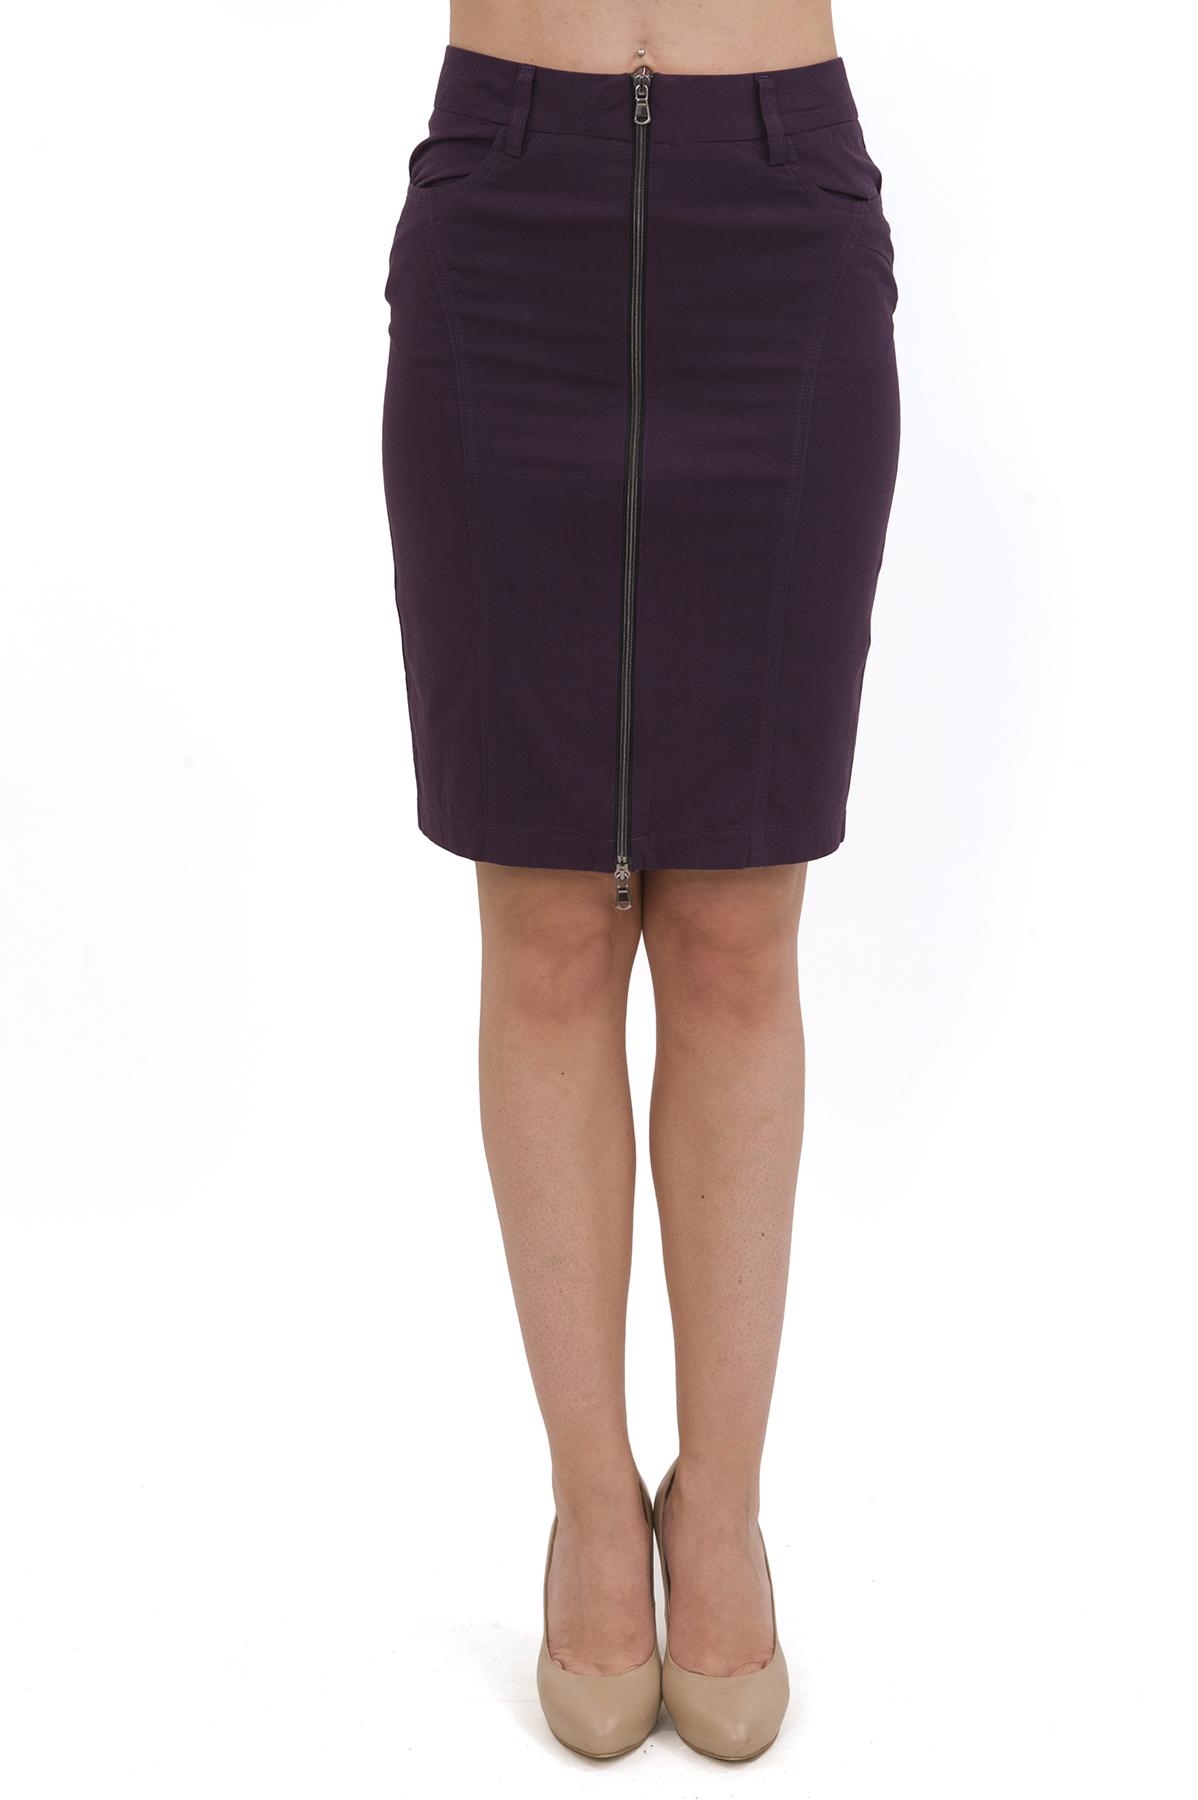 ЮбкаЖенские юбки и брюки<br>Стильная юбка актуальной длины  для ярких и уверенных в своей неотразимости женщин. Изделие прекрасно сочетается со многими элементами гардероба.<br><br>Цвет: фиолетовый<br>Состав: 97% хлопок, 3% лайкра<br>Размер: 40,42,44<br>Страна дизайна: Россия<br>Страна производства: Россия